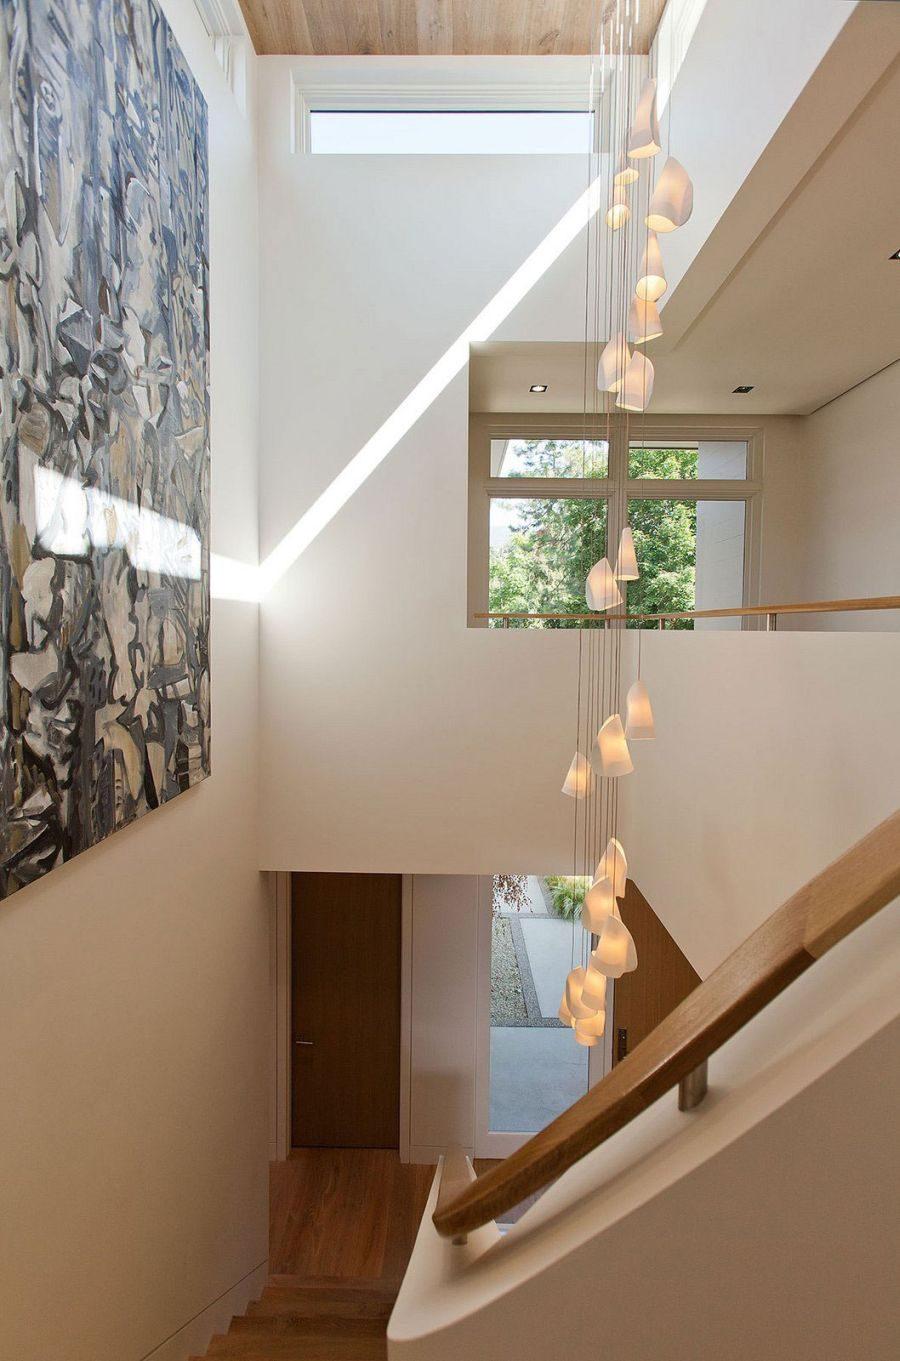 142 Biệt thự nghỉ dưỡng hiện đại và lôi cuốn tại Canada qpdesign